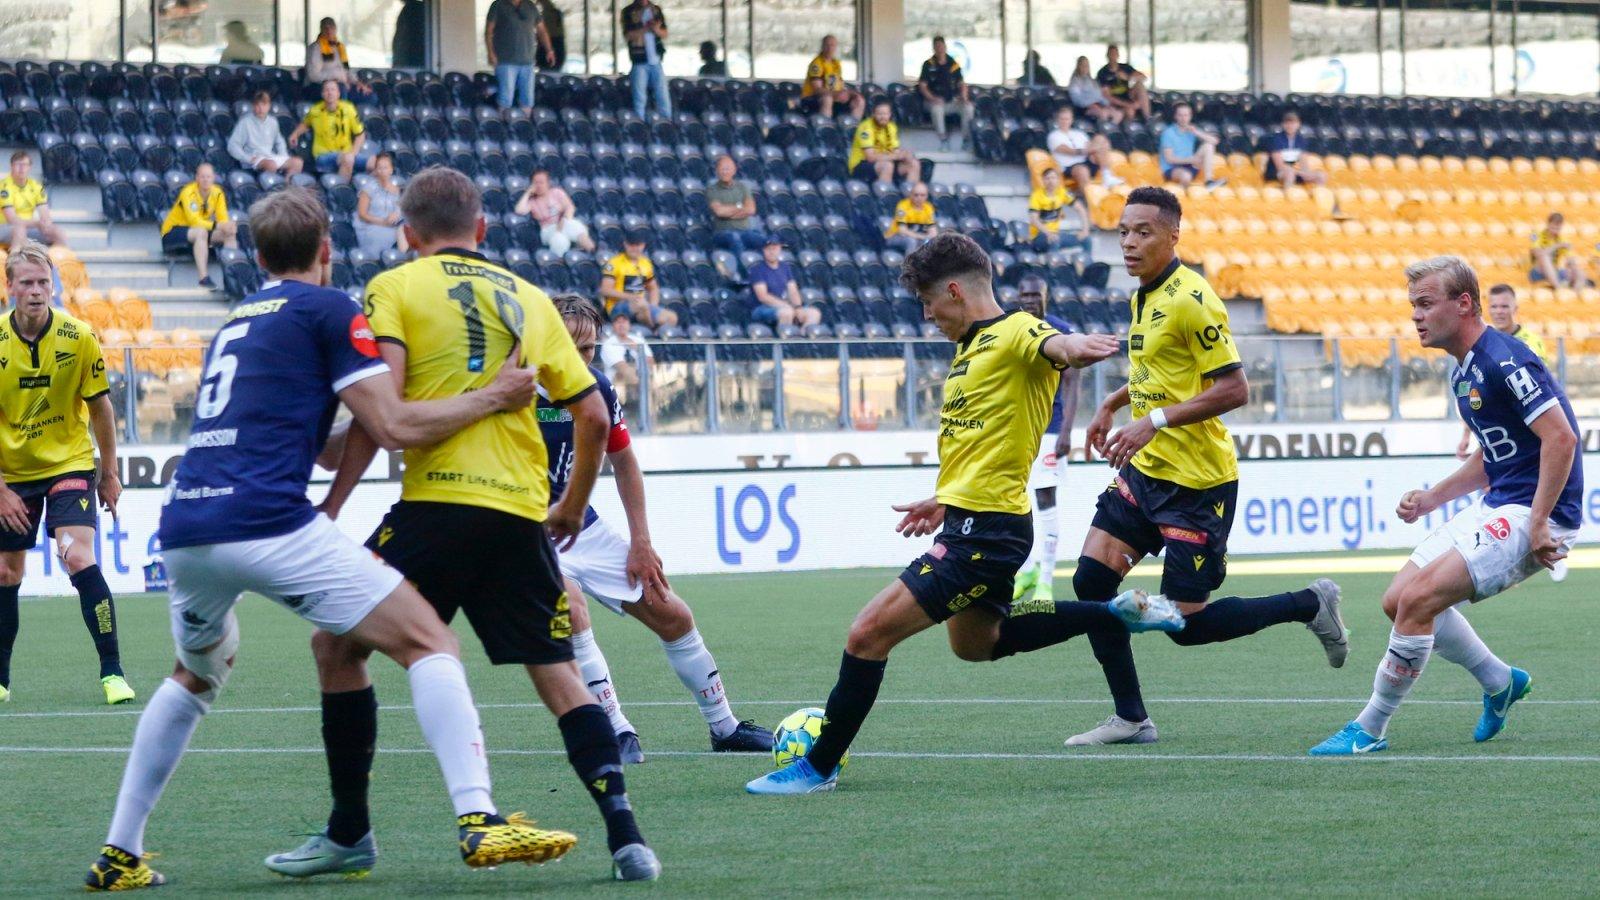 Markovic får ball fra Kabran, vender og skyter ballen i lengste hjørne. Foto: Tor Erik Schrøder / NTB scanpix